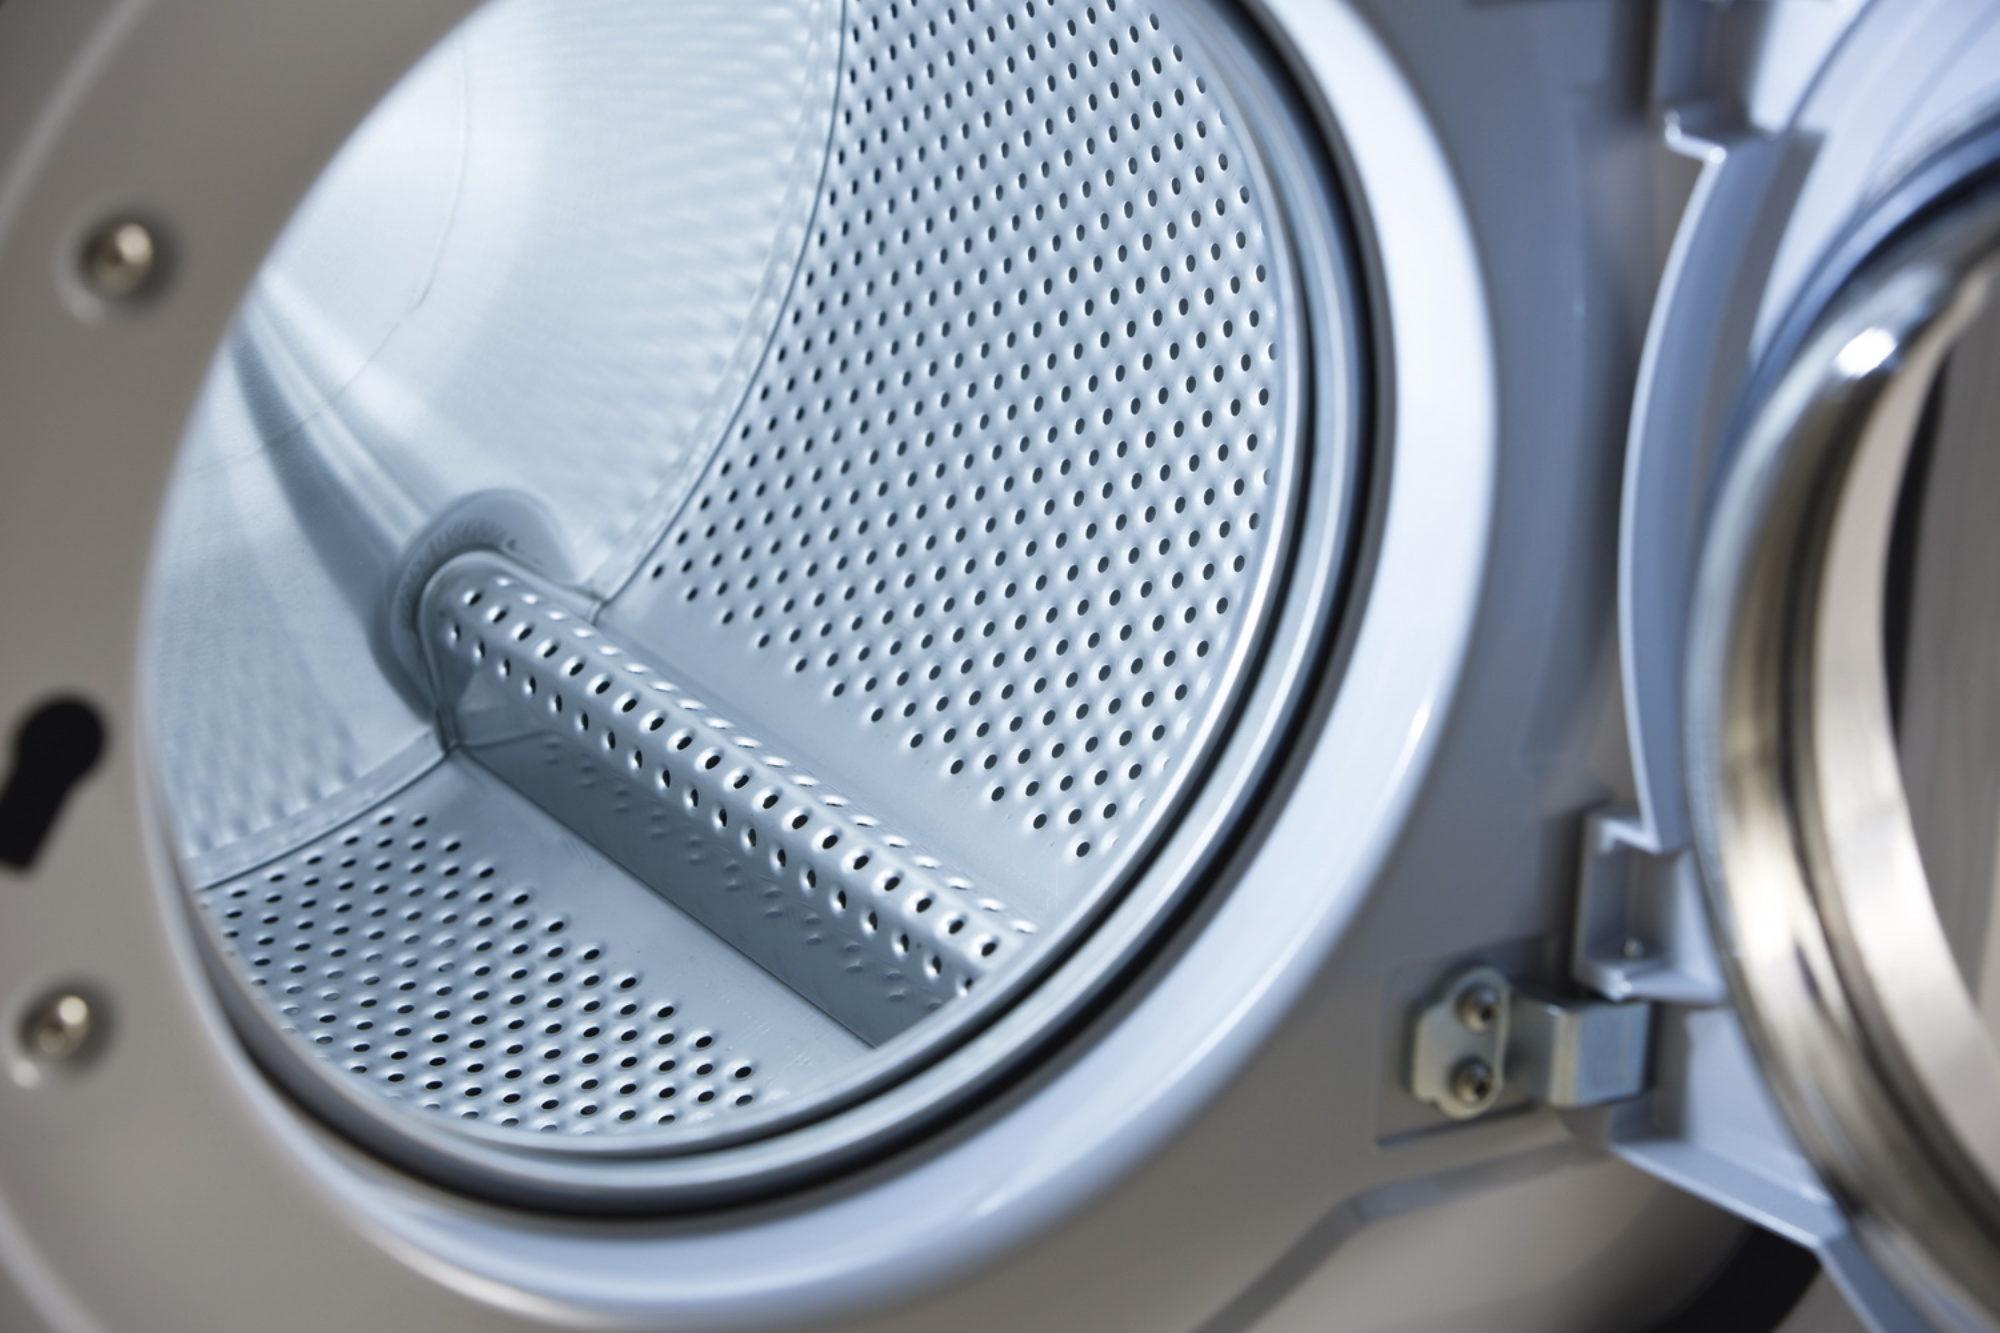 Professioneel wasmachine advies